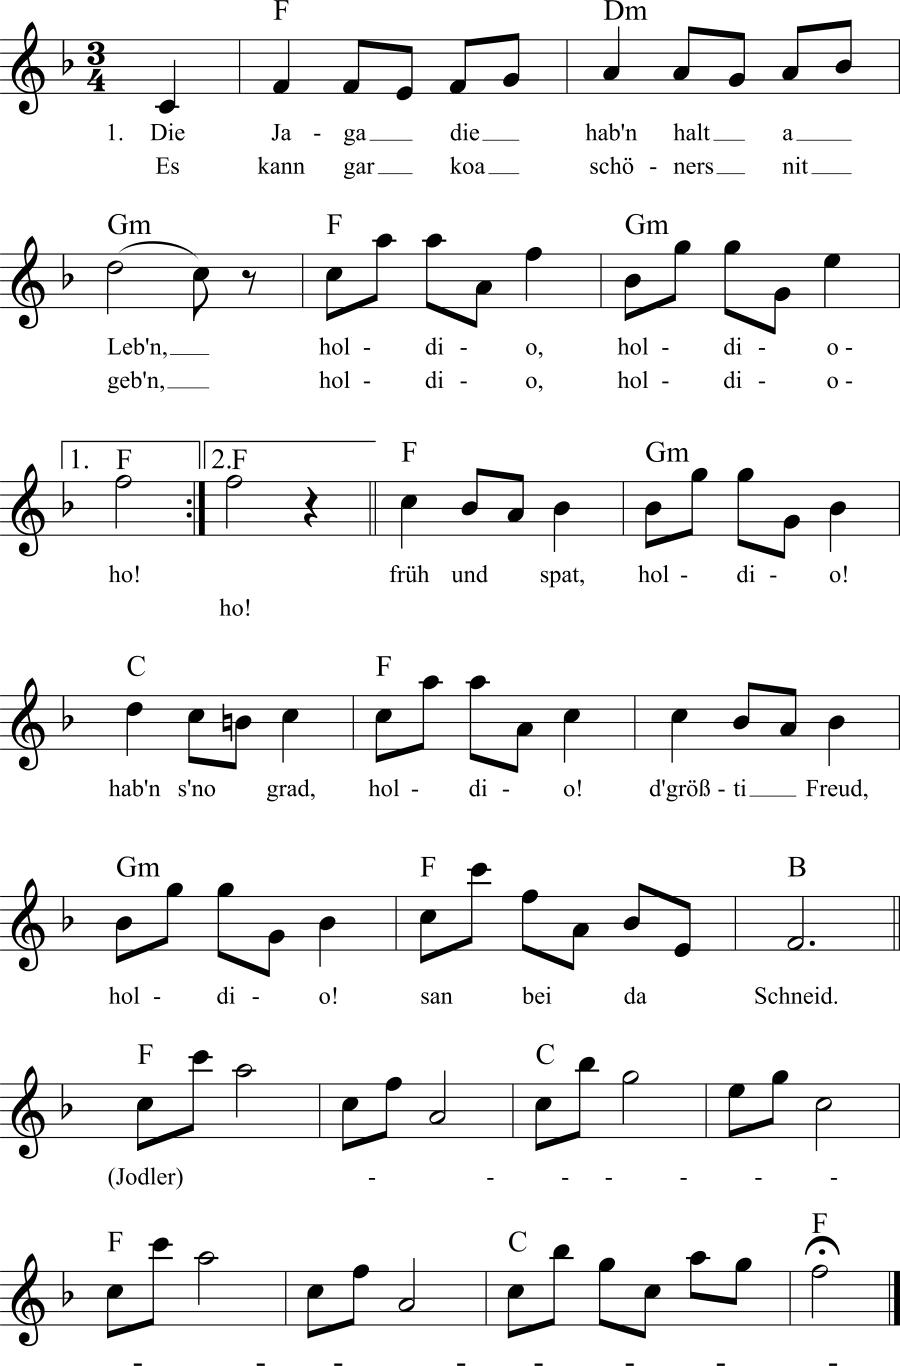 Musiknoten zum Lied Die Jäger